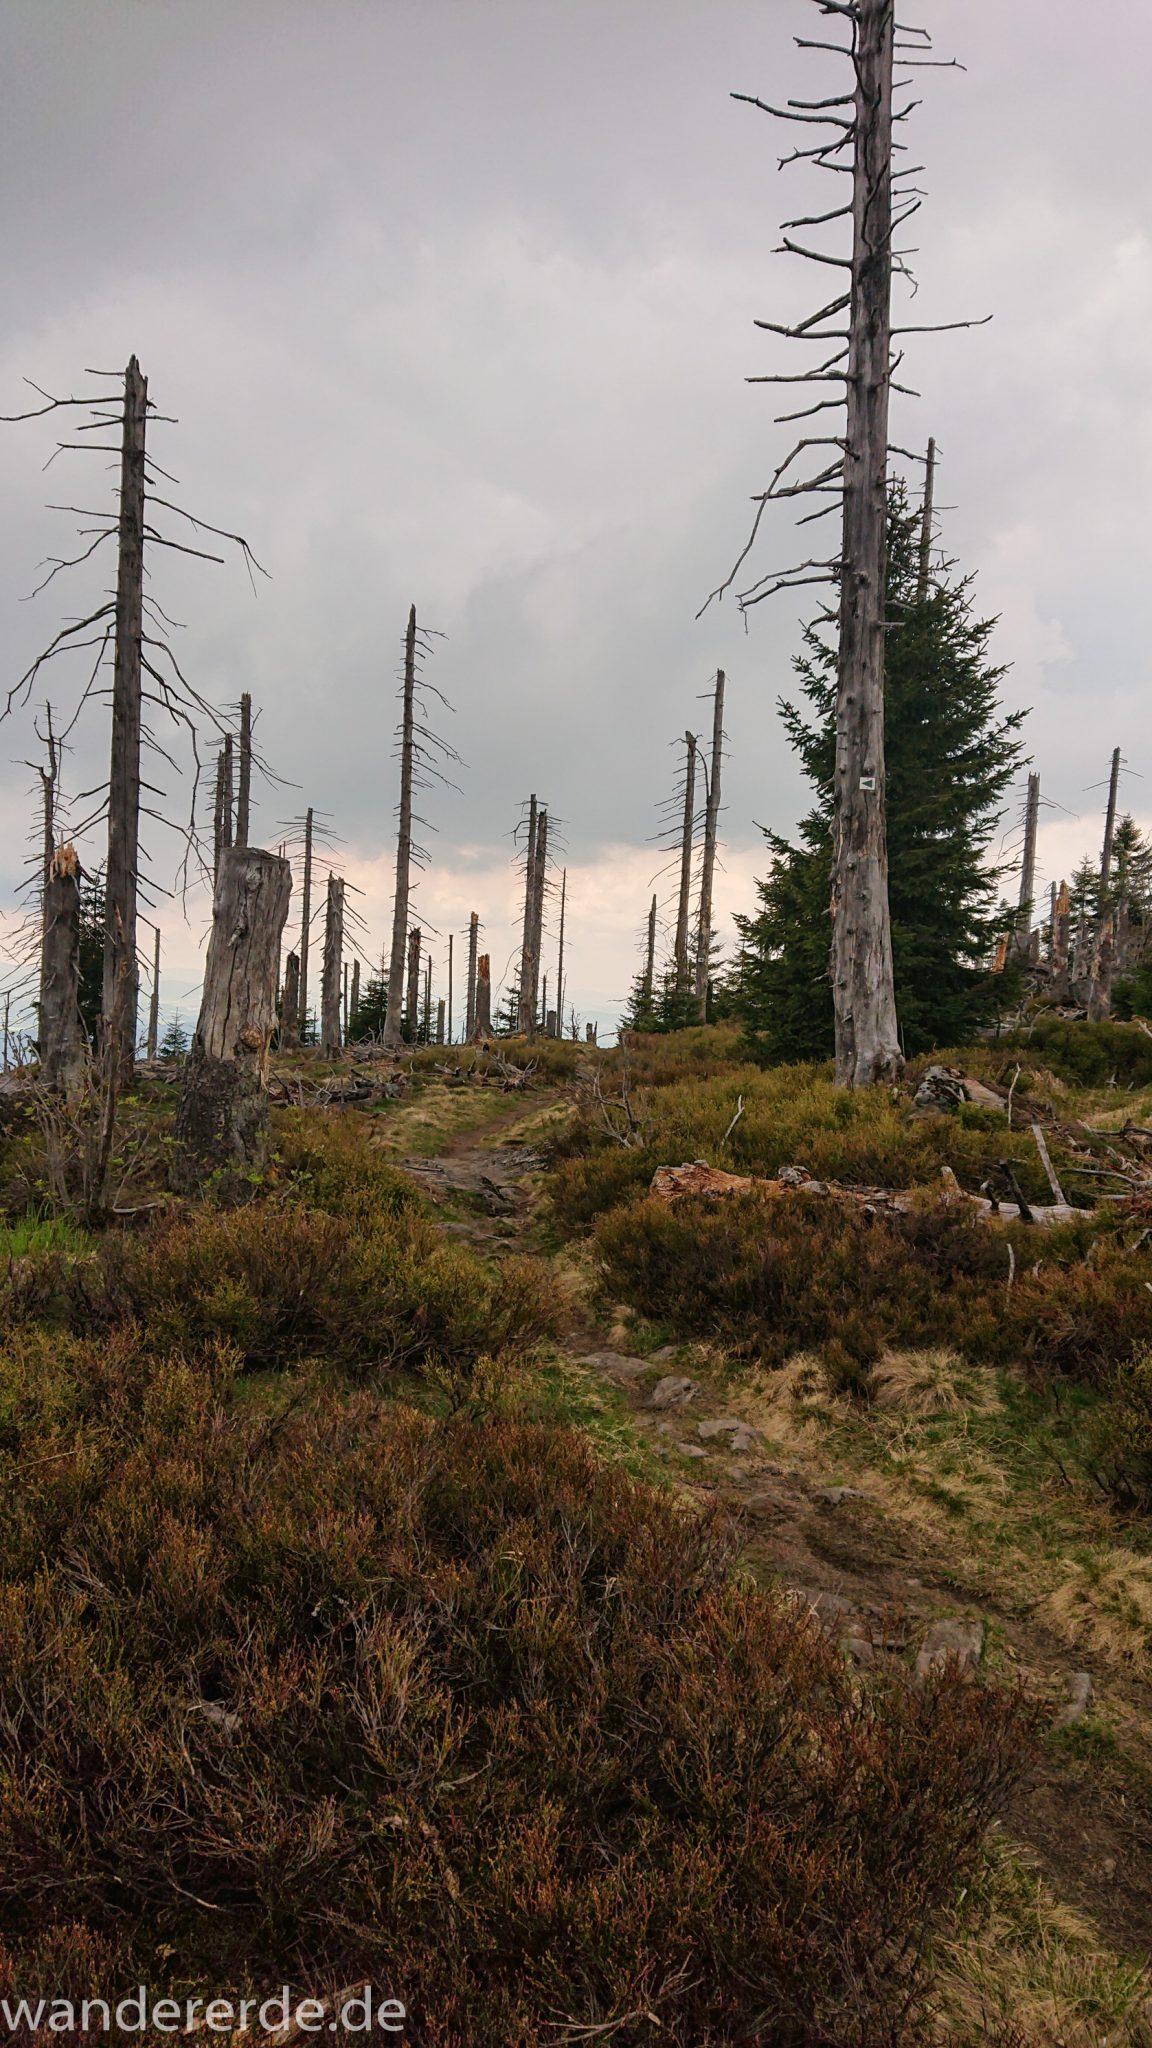 Wanderung Großer Rachel im Nationalpark Bayerischer Wald, Start Parkplatz Oberfrauenau, abwechslungsreicher Wanderweg, schmaler Pfad über Stock und Stein, umgefallene Bäume werden liegen gelassen, Zerstörung einiger Waldgebiete durch den Borkenkäfer, Wegmarkierung auf den Berg Großer Rachel mit grünem Dreieck